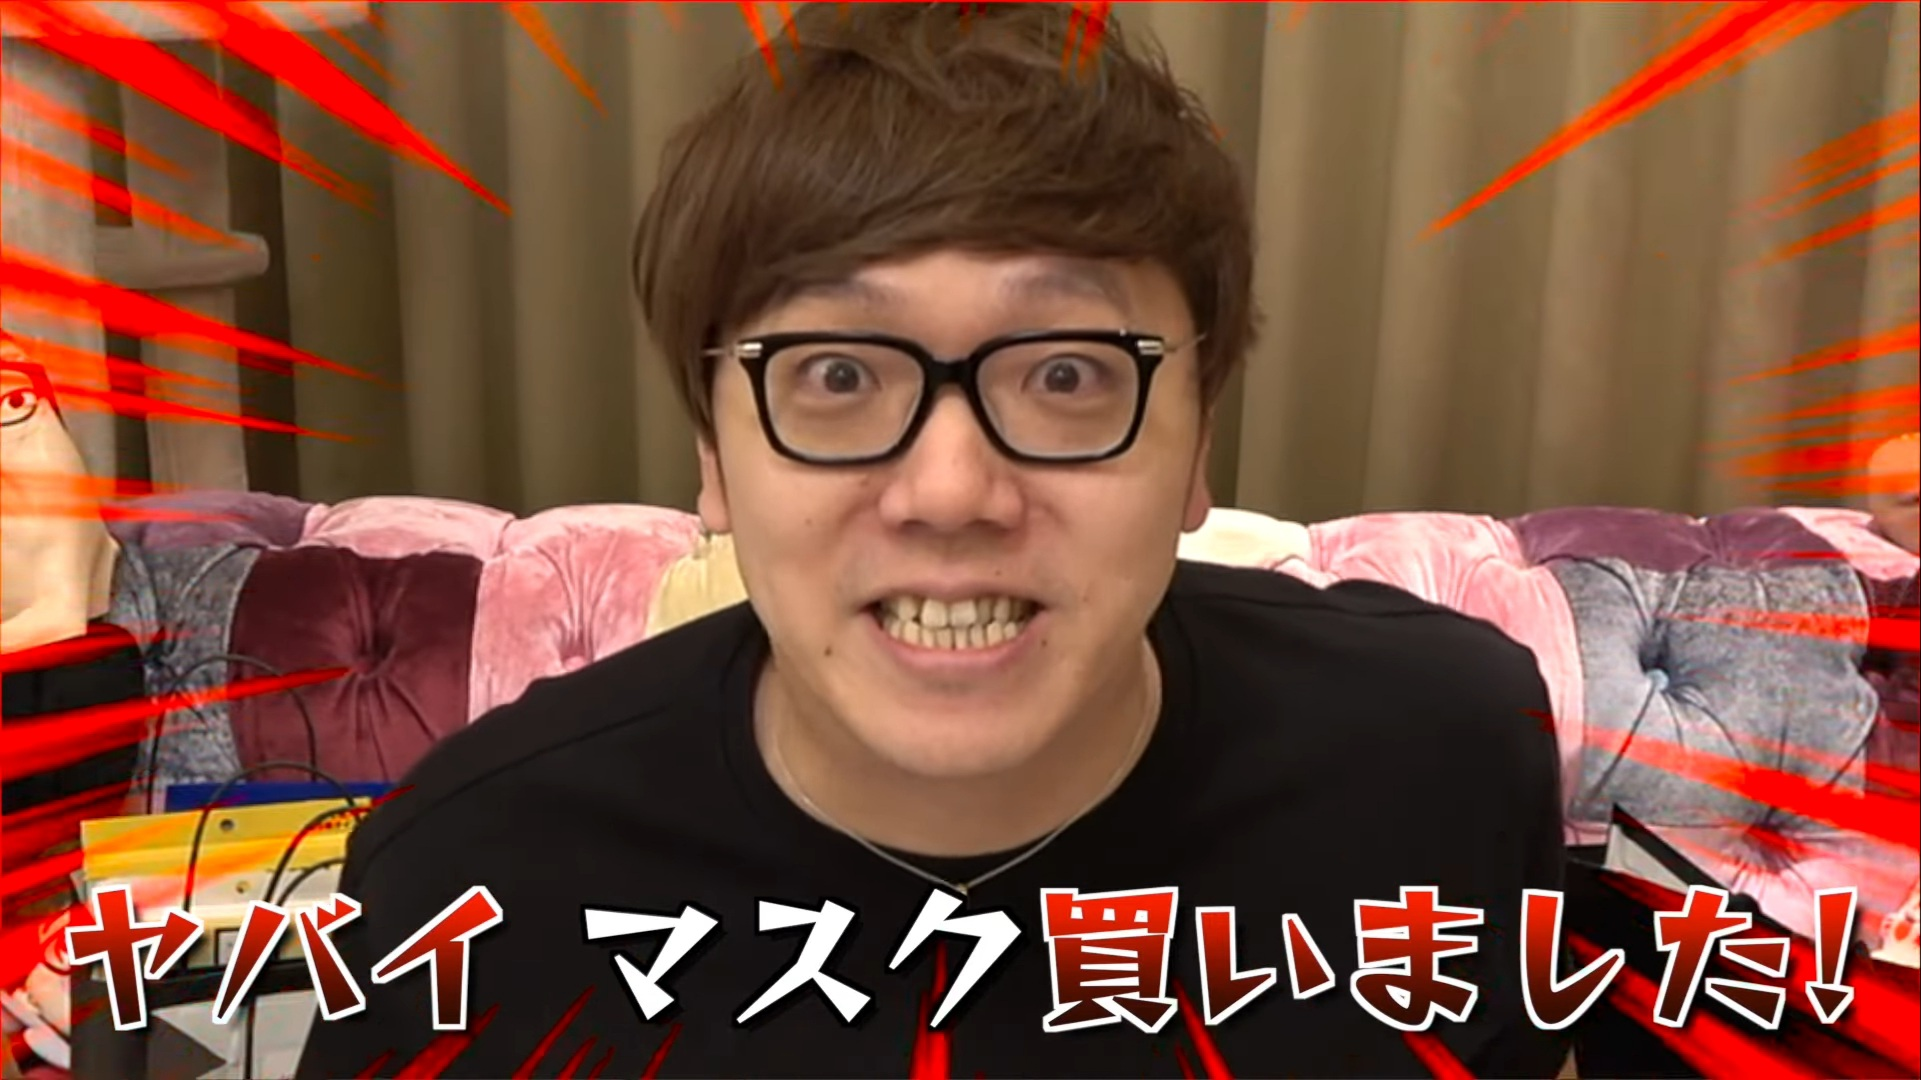 【画像】ヒカキンさん、100万円のマスクを購入してしまう